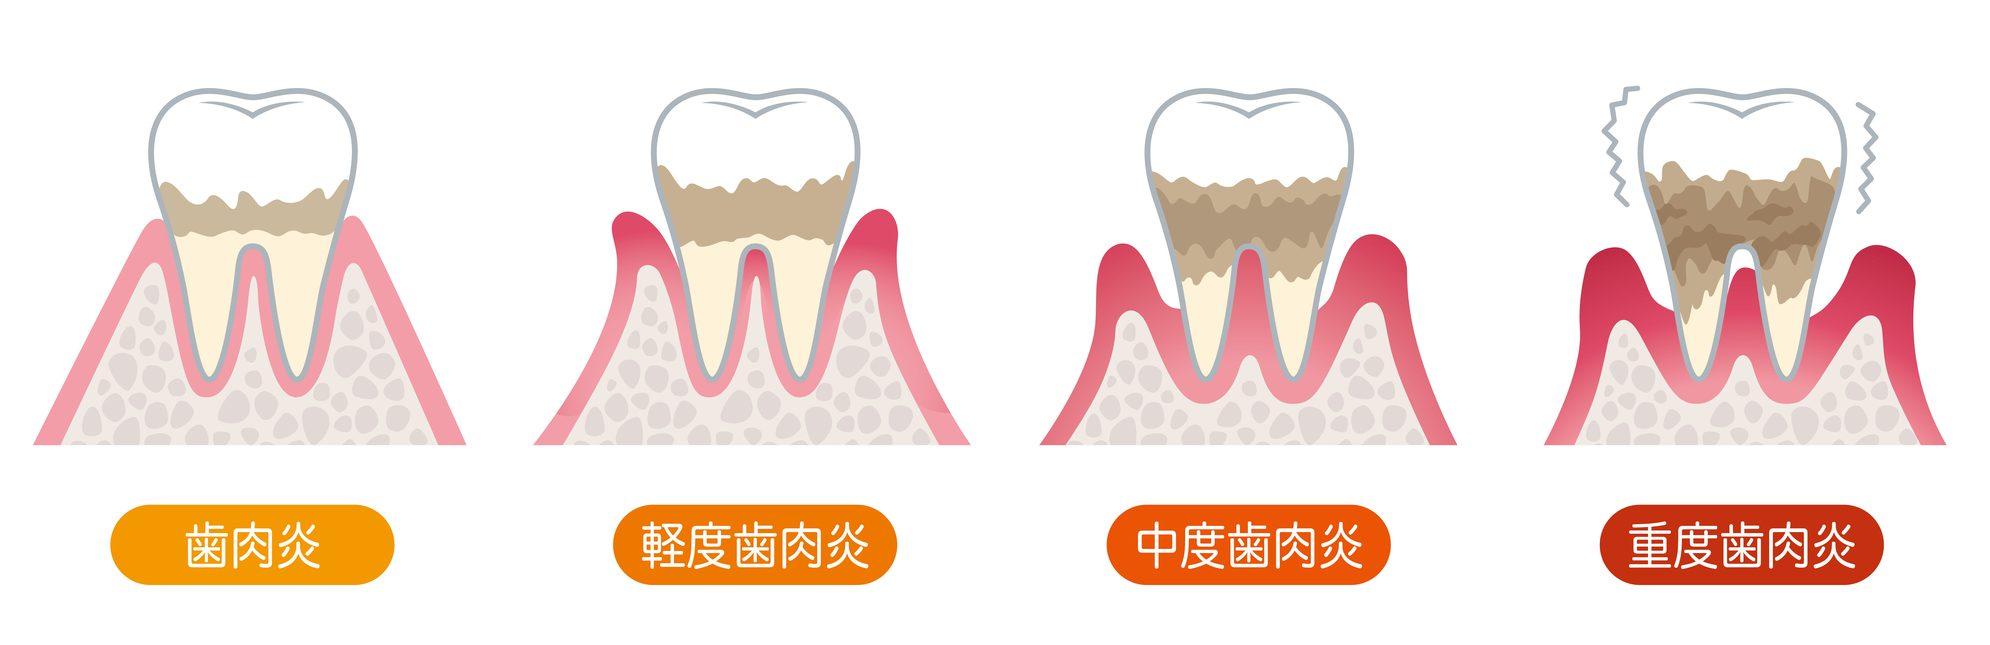 歯周病の進行|石川町のマリーンデンタルクリニック